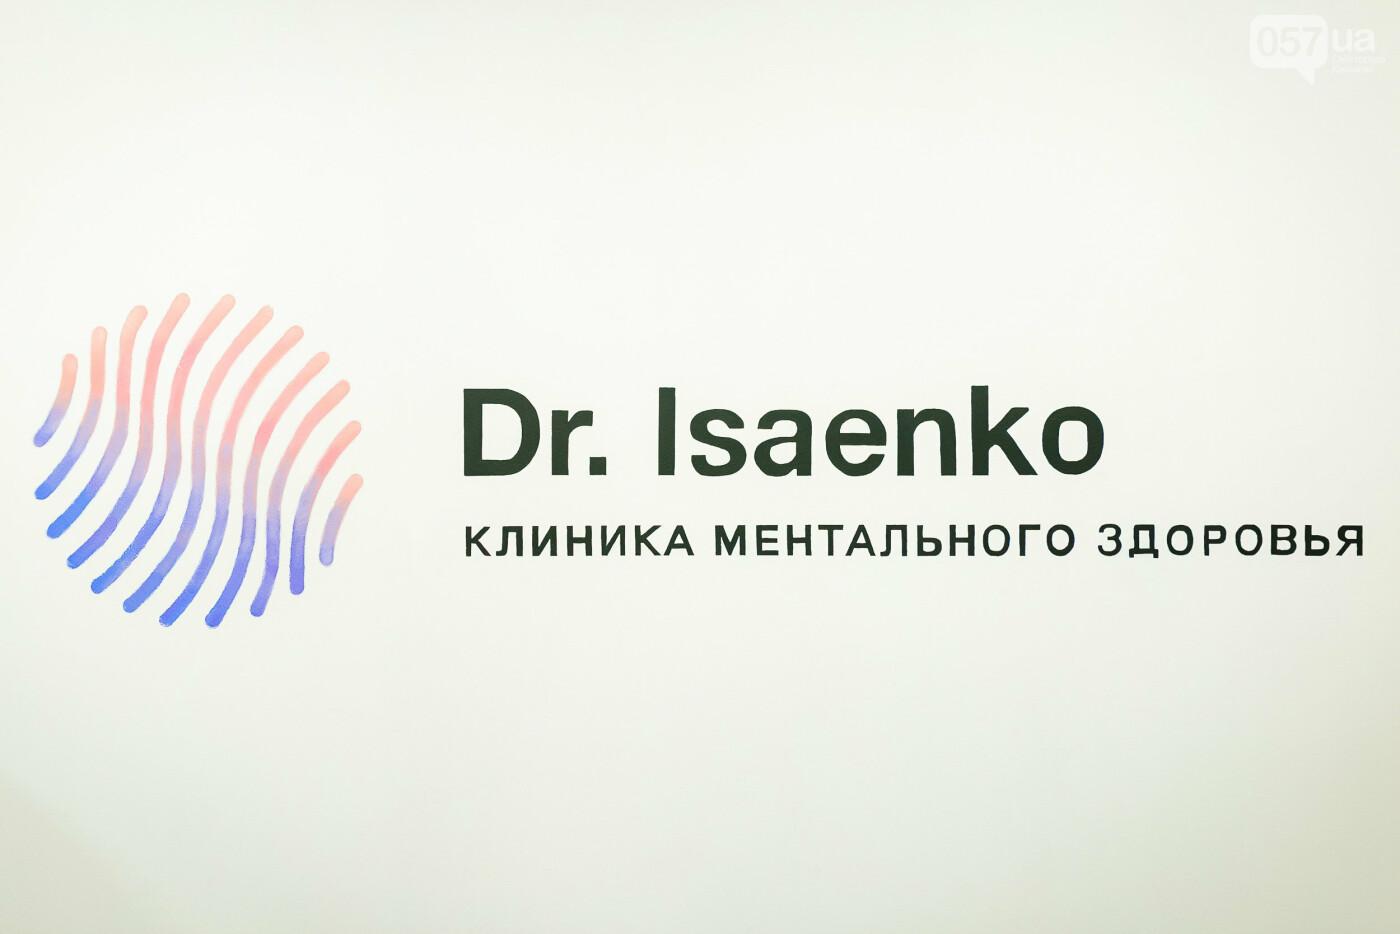 Открытие первой в Украине клиники ментального здоровья «Dr. Isaenko», фото-1